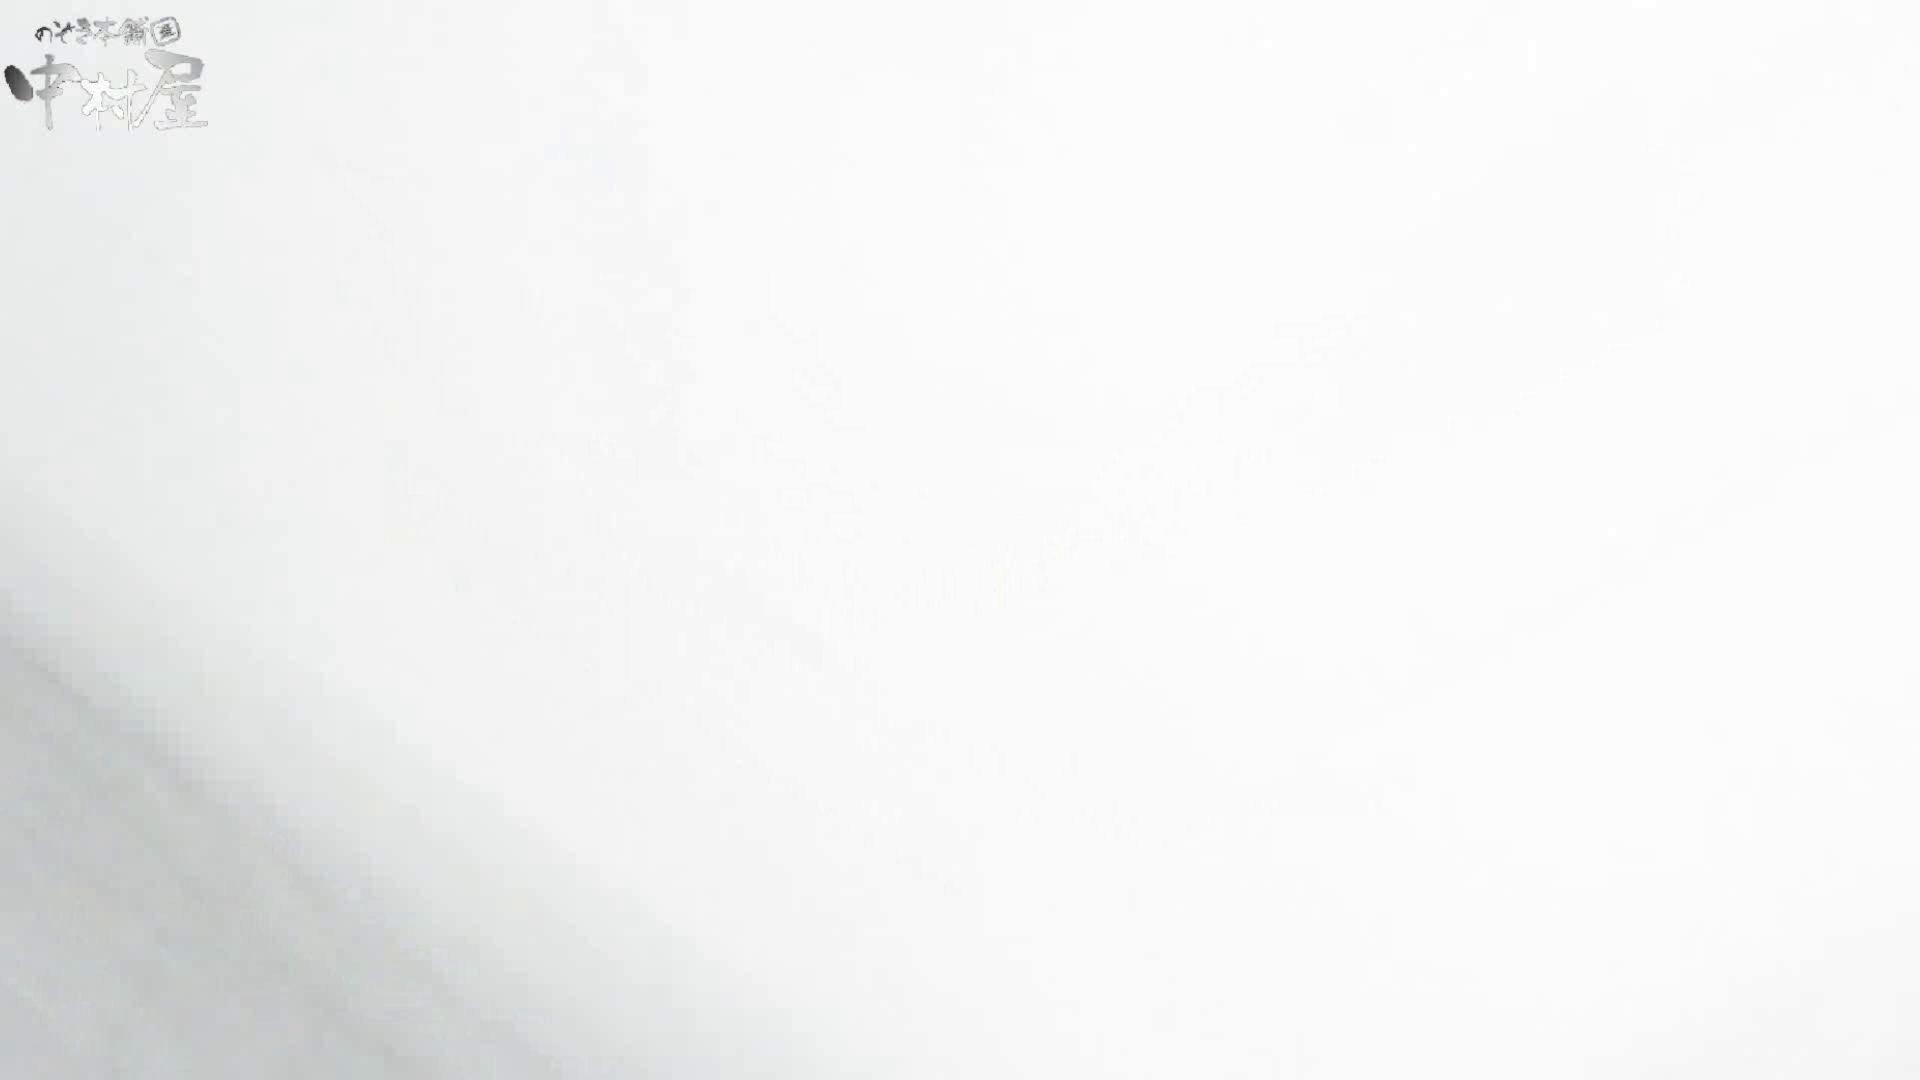 魂のかわや盗撮62連発! ロンハーギャル! 45発目! ギャルのエロ動画 スケベ動画紹介 102PIX 59